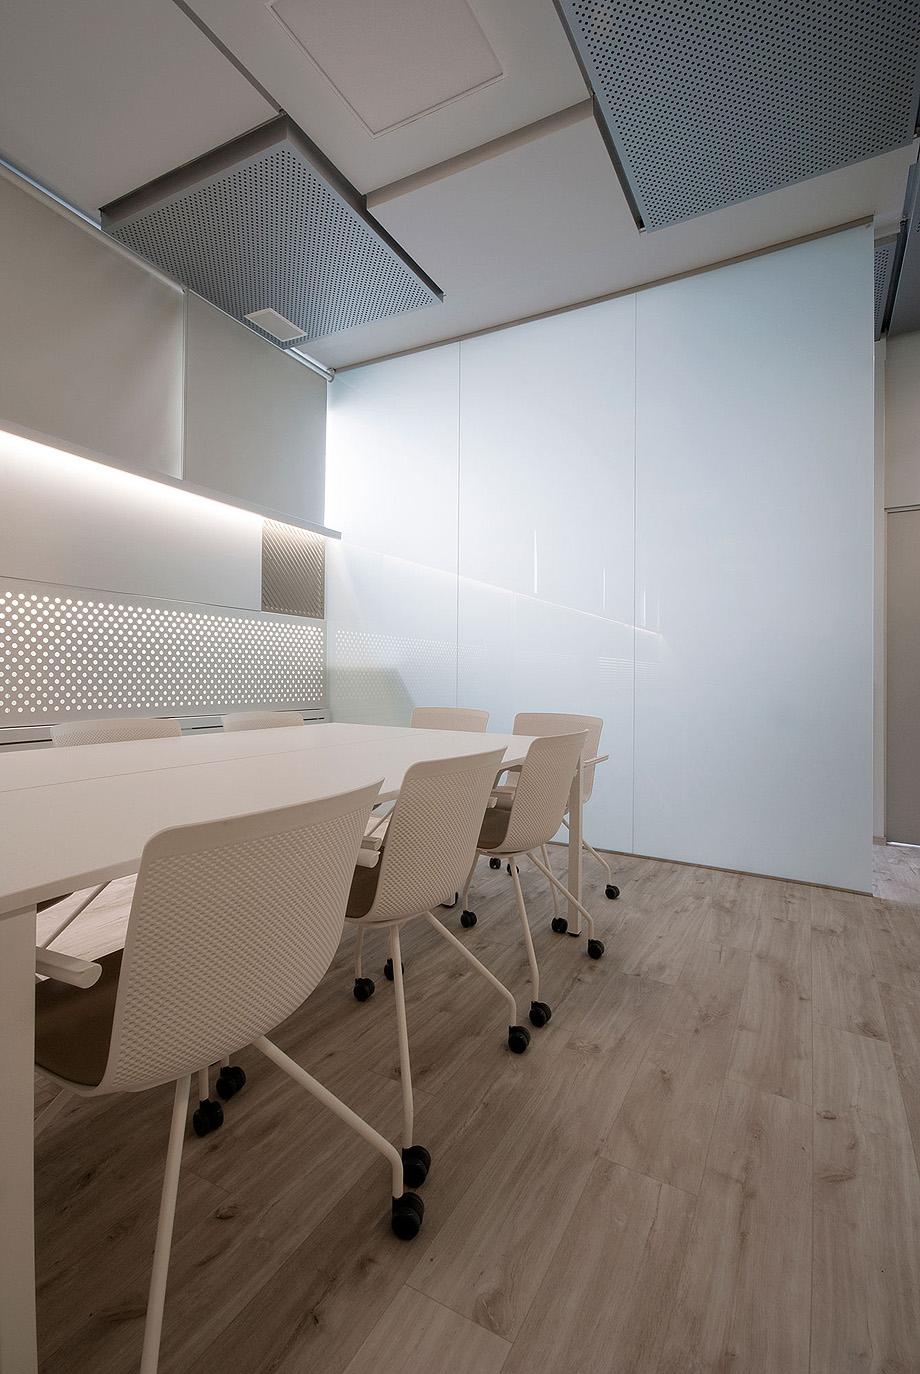 showroom alucoil de interior 03 - foto patricia hermosillo (6)